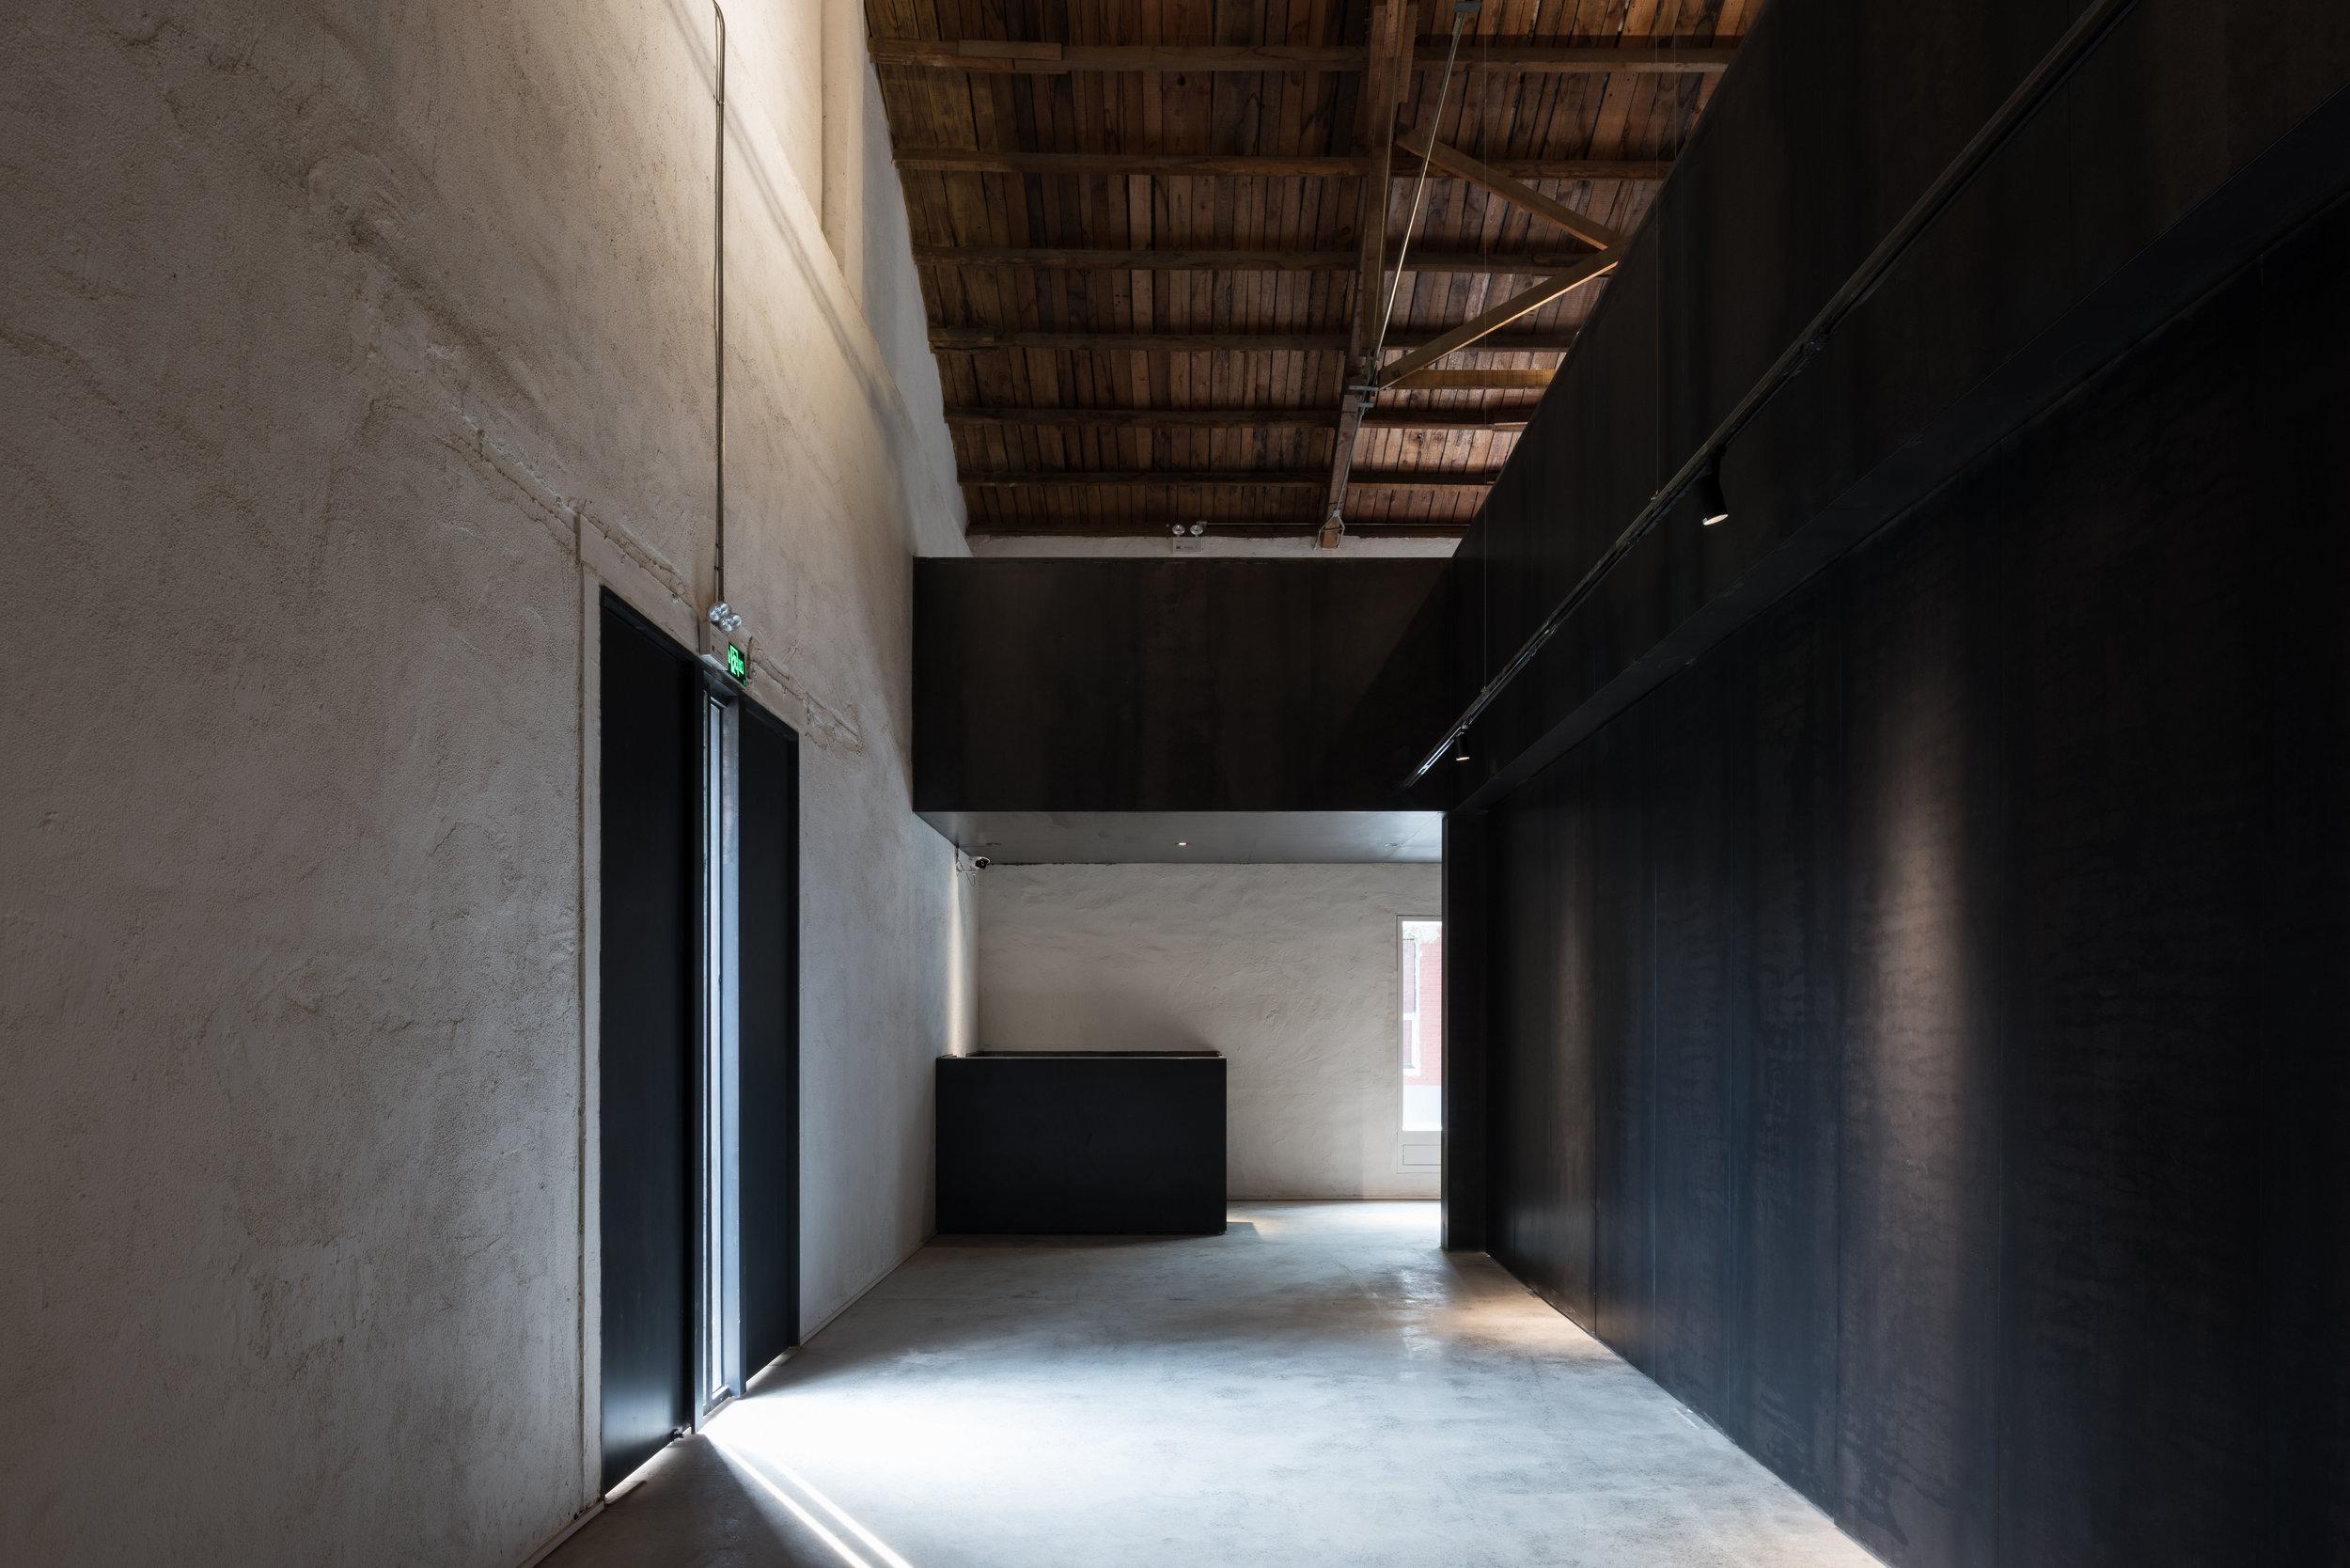 展区入口门厅 exhibition room entance hall.jpg